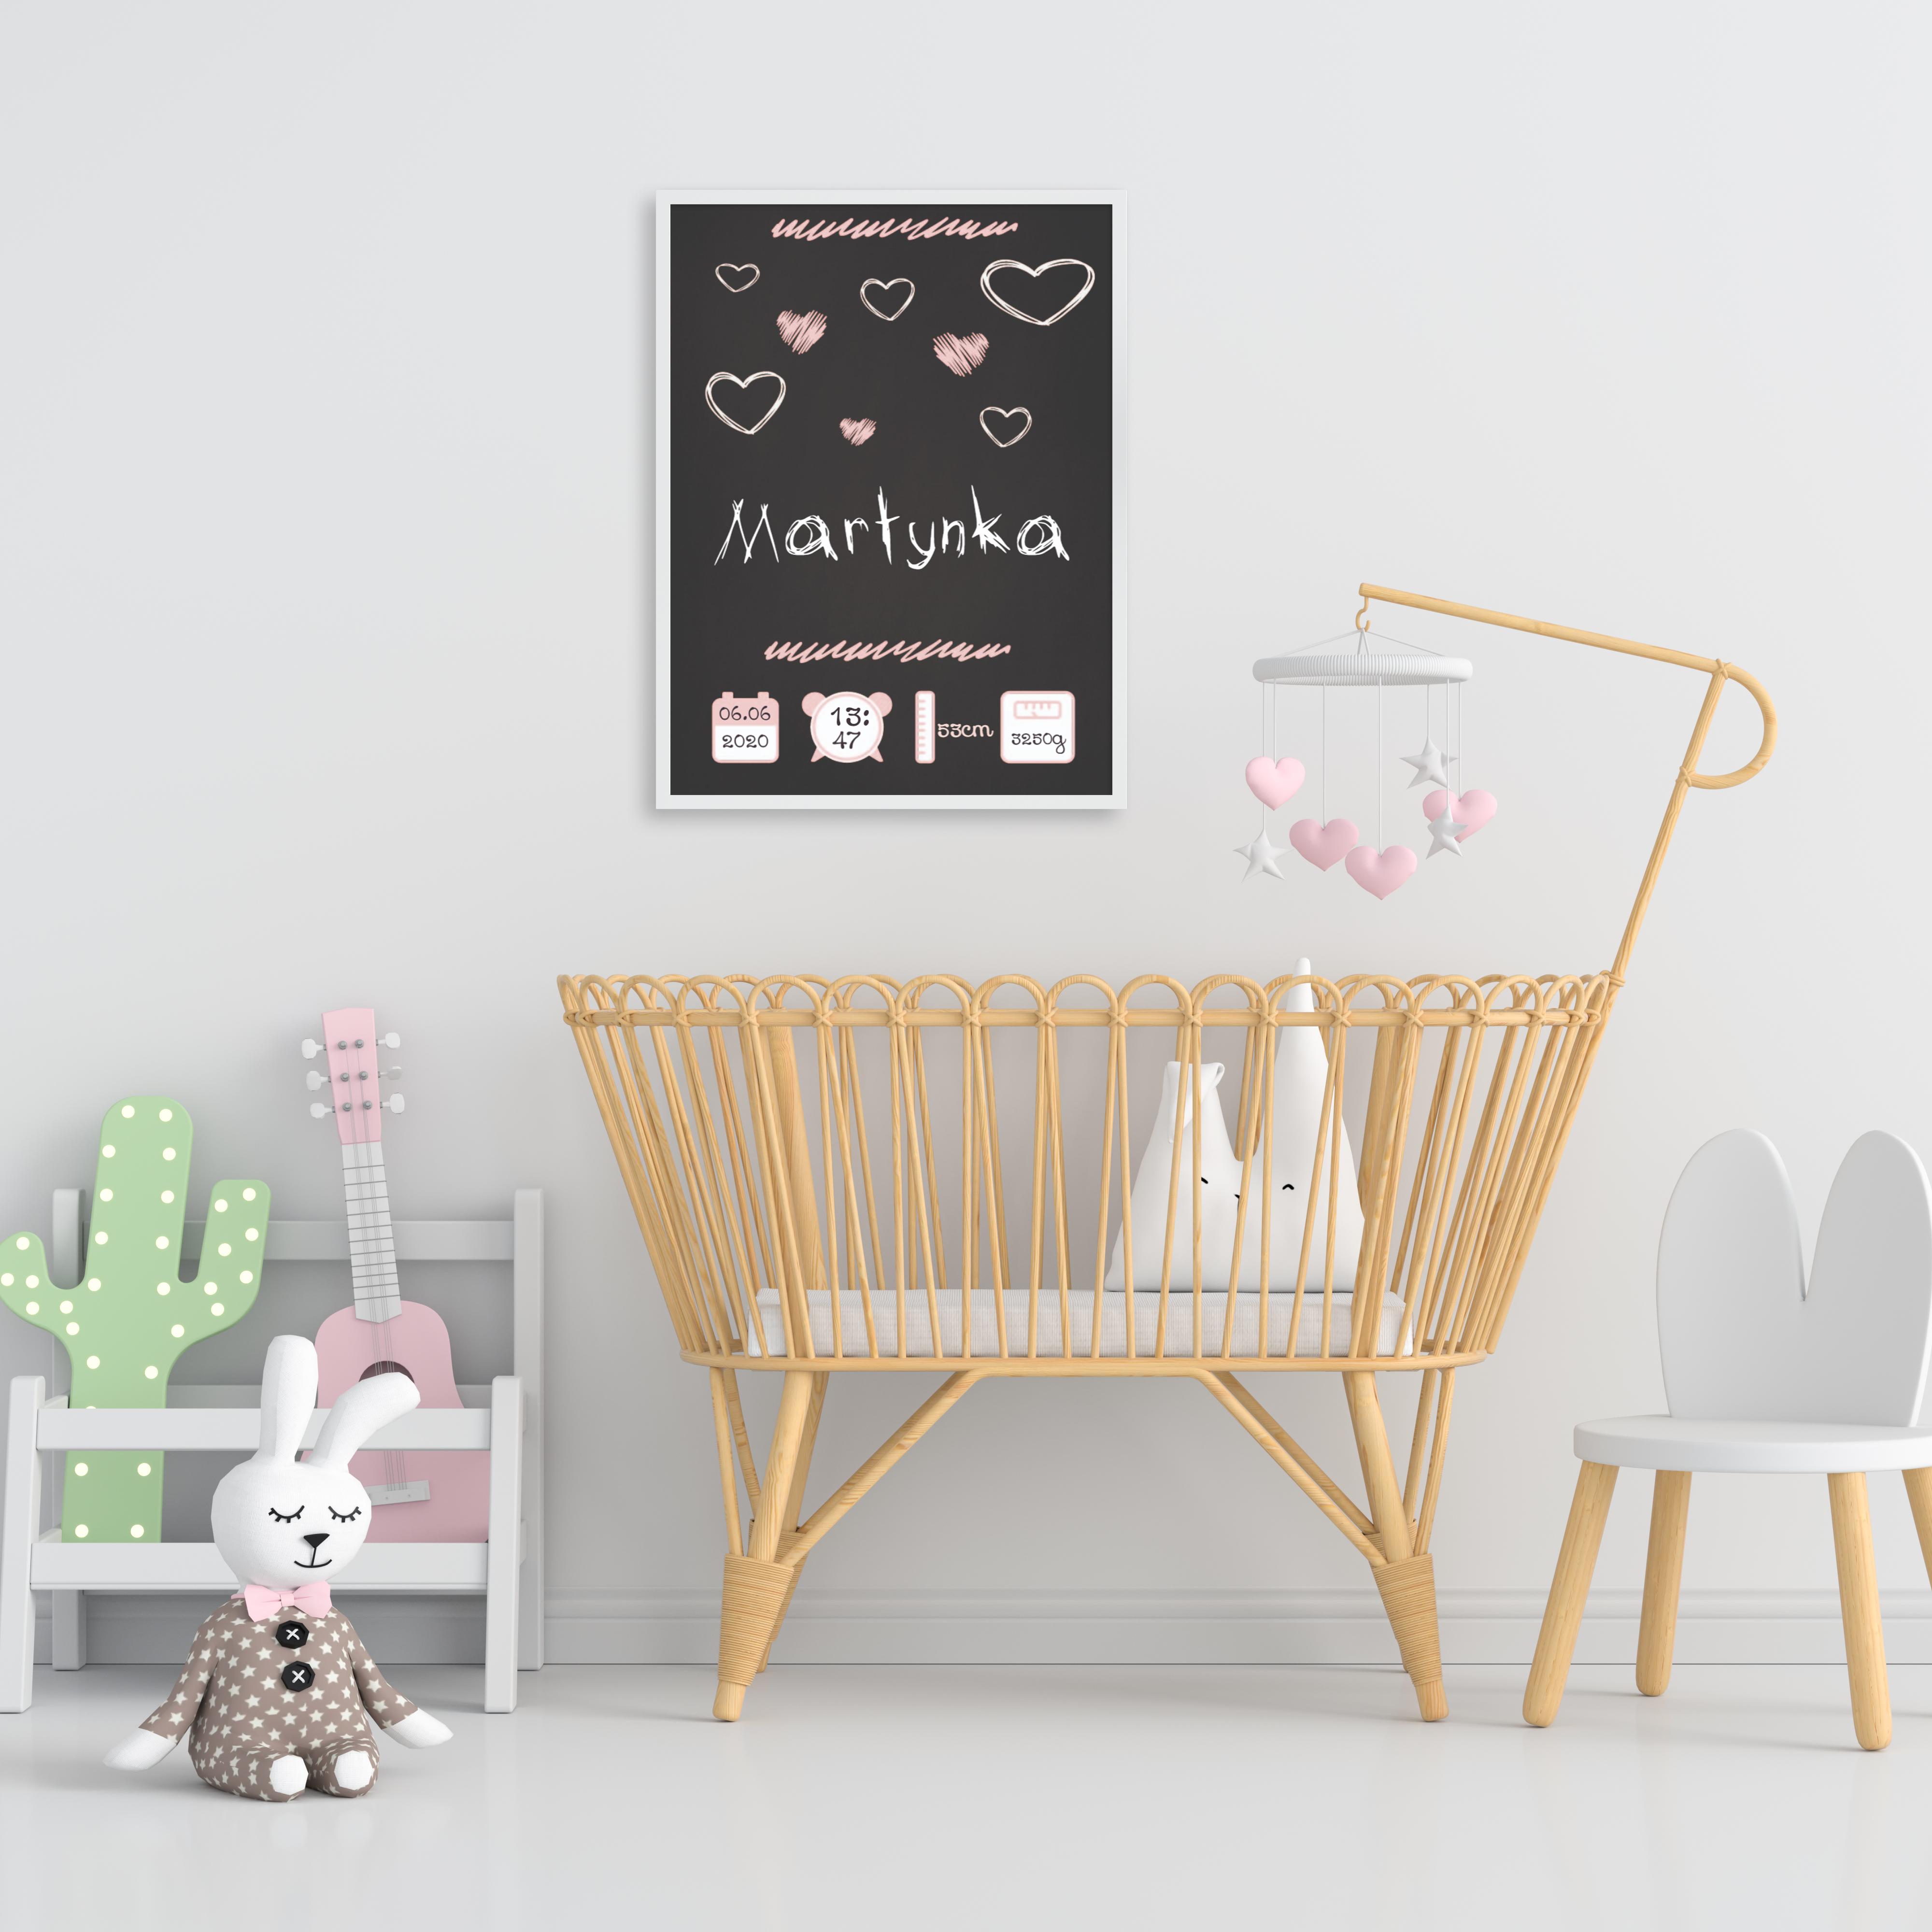 Plakat metryczka dziecka A3 personalizowana tablica dziewczęca